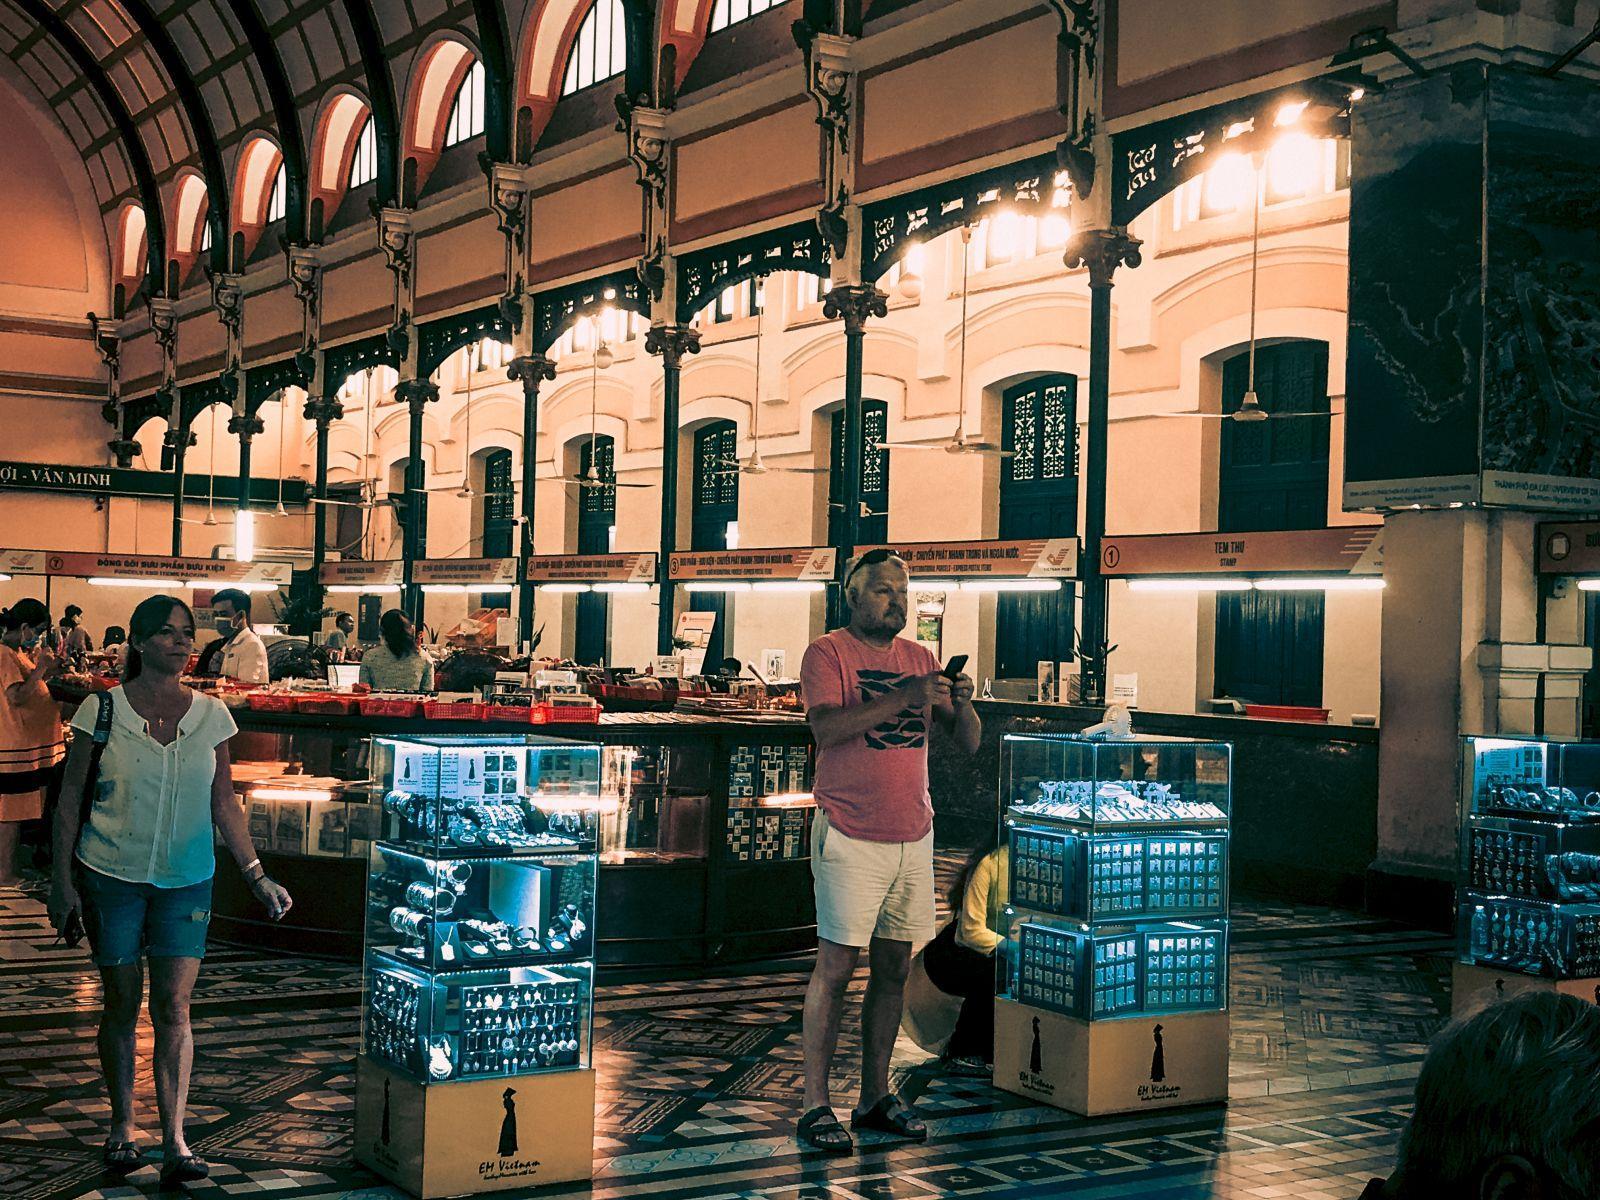 Khám phá Bưu điện gần 130 năm tuổi ở TP Hồ Chí Minh Ảnh 8